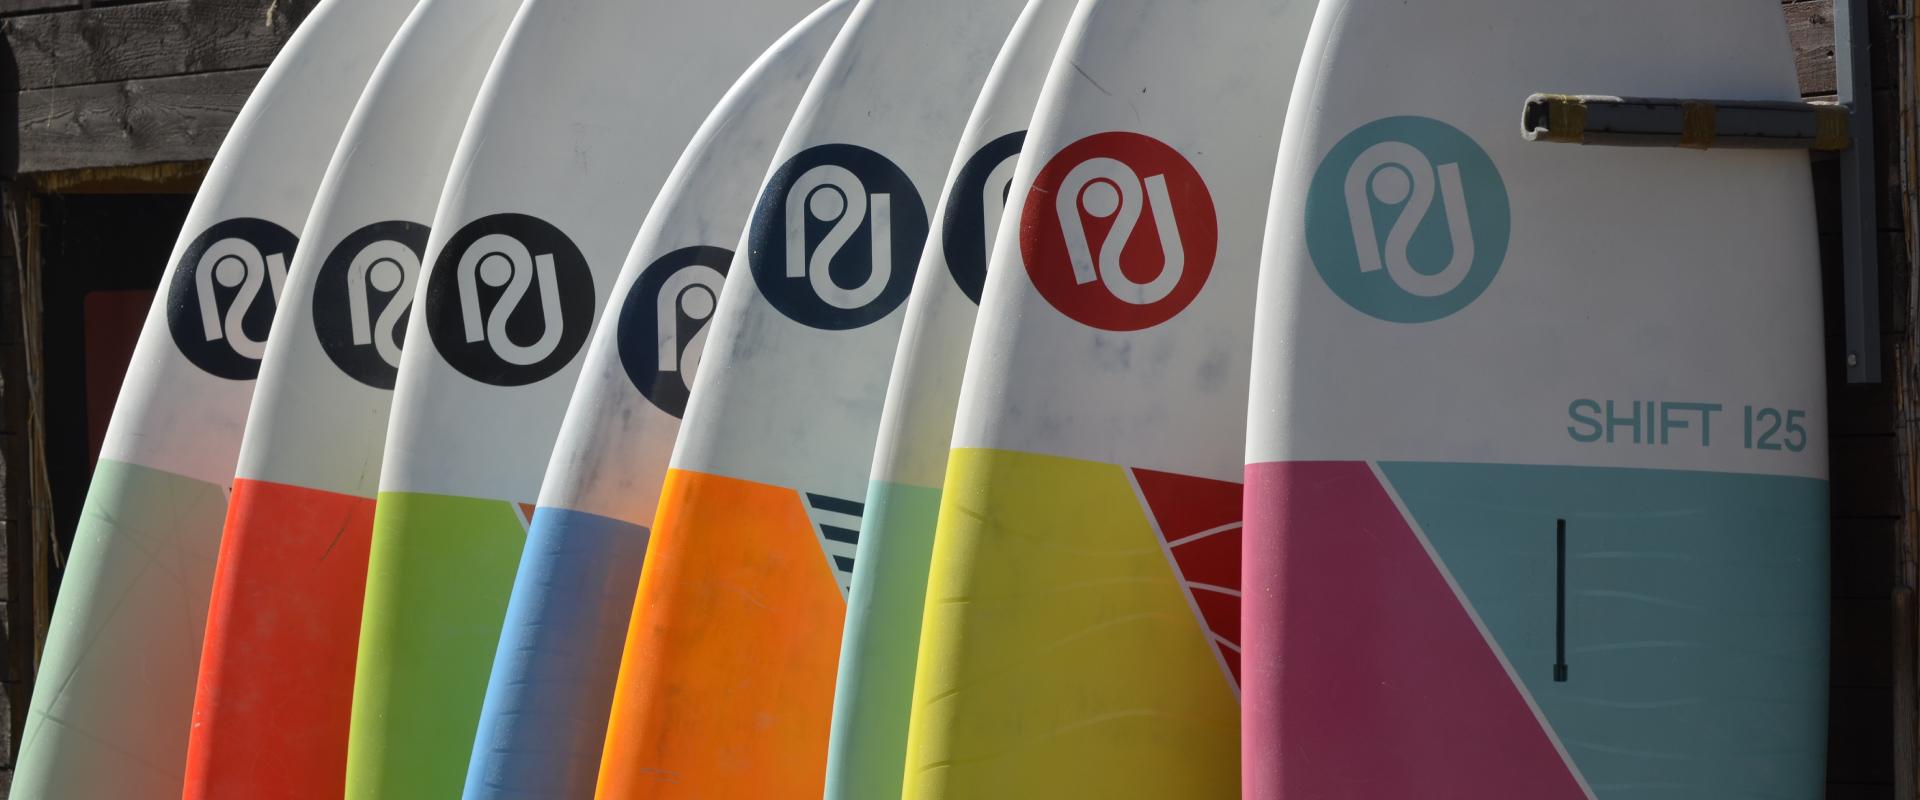 LSURF windsurfing szkoła windsurfingu